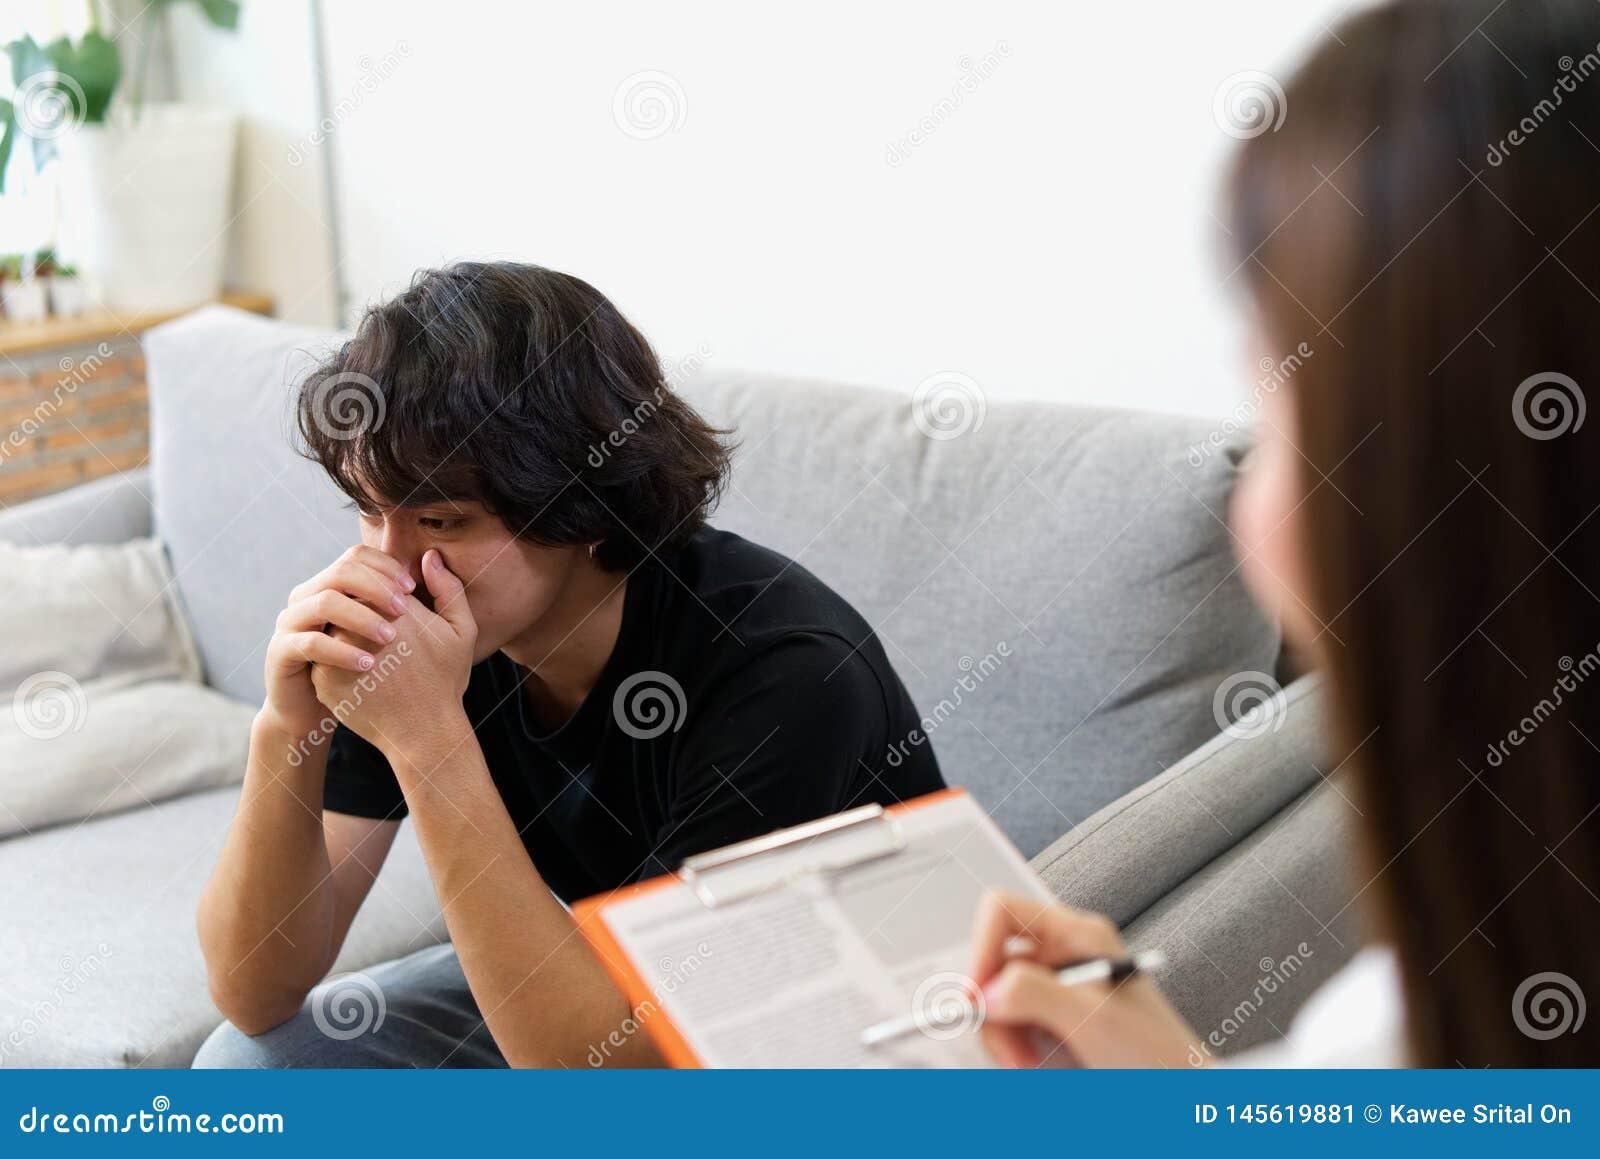 哭泣在沙发的年轻男性患者与女性心理学家协商